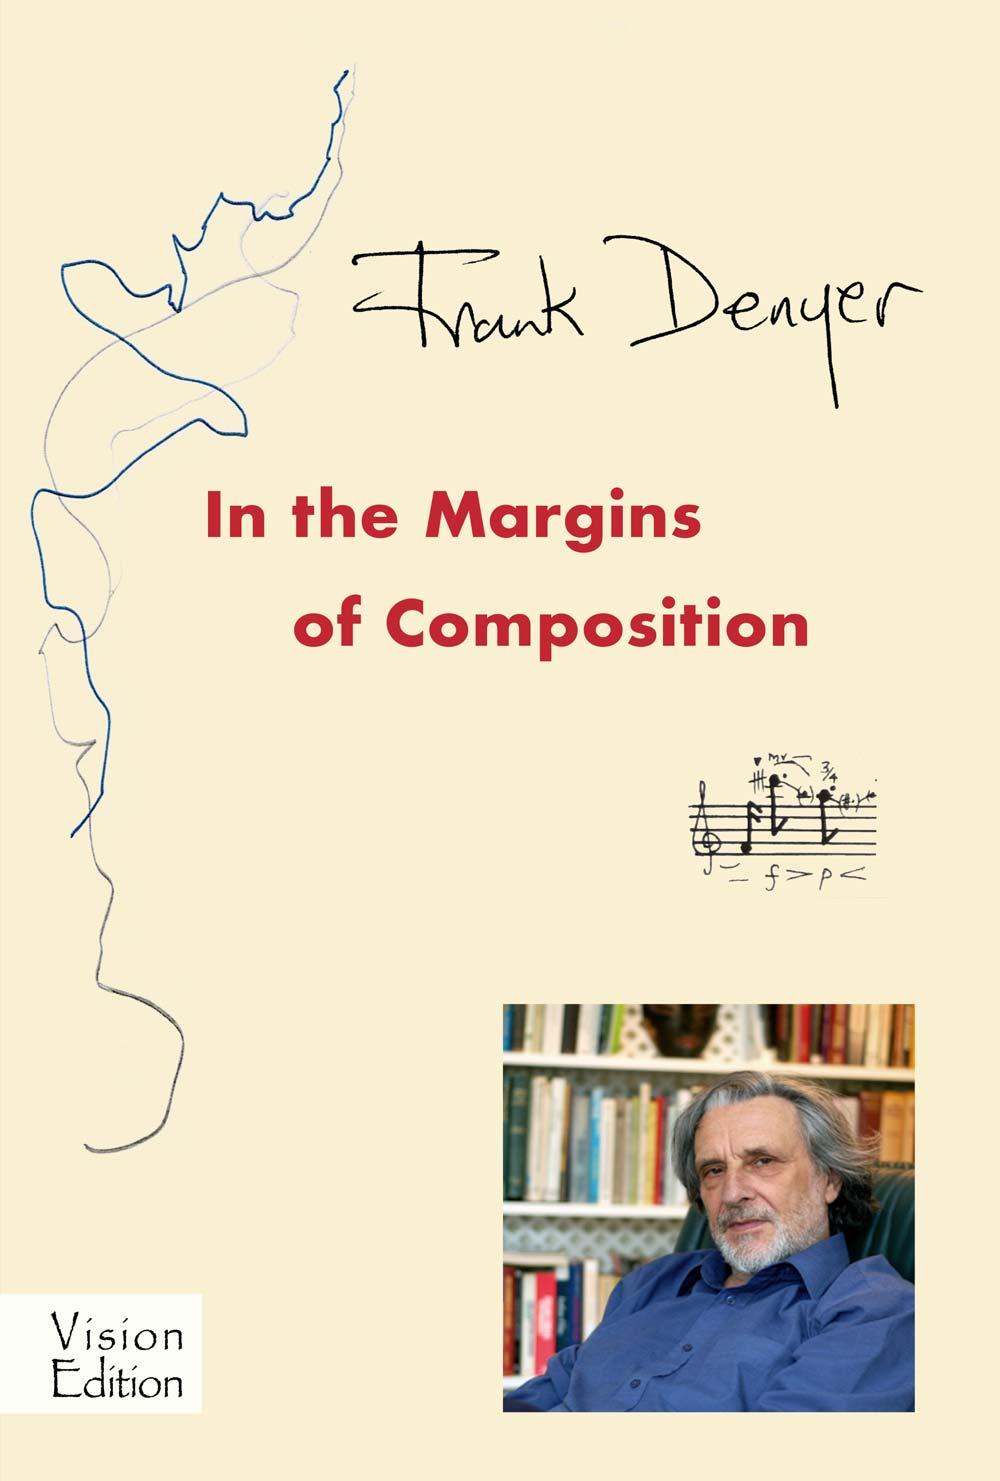 Frank Denyer : In the Margins of Composition